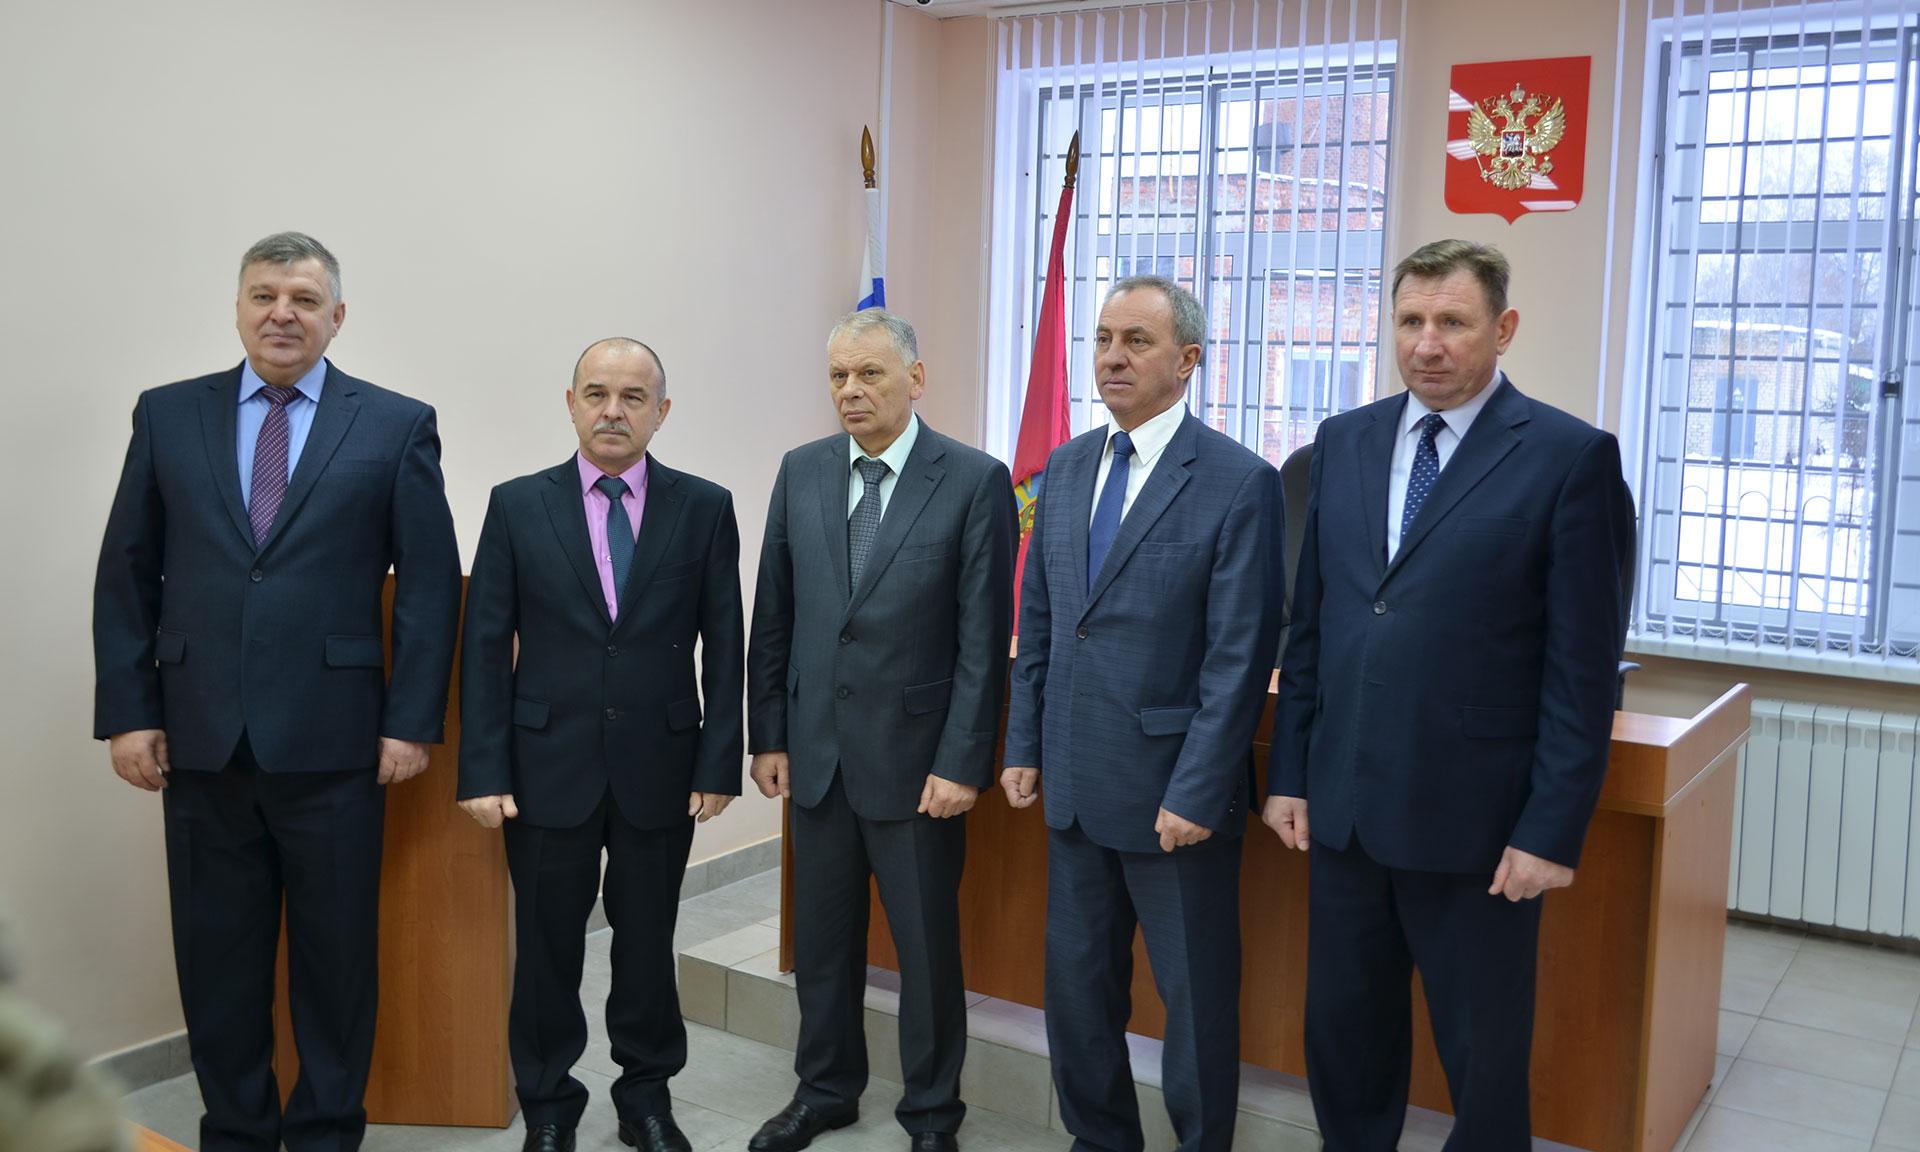 суражский районный суд брянской области